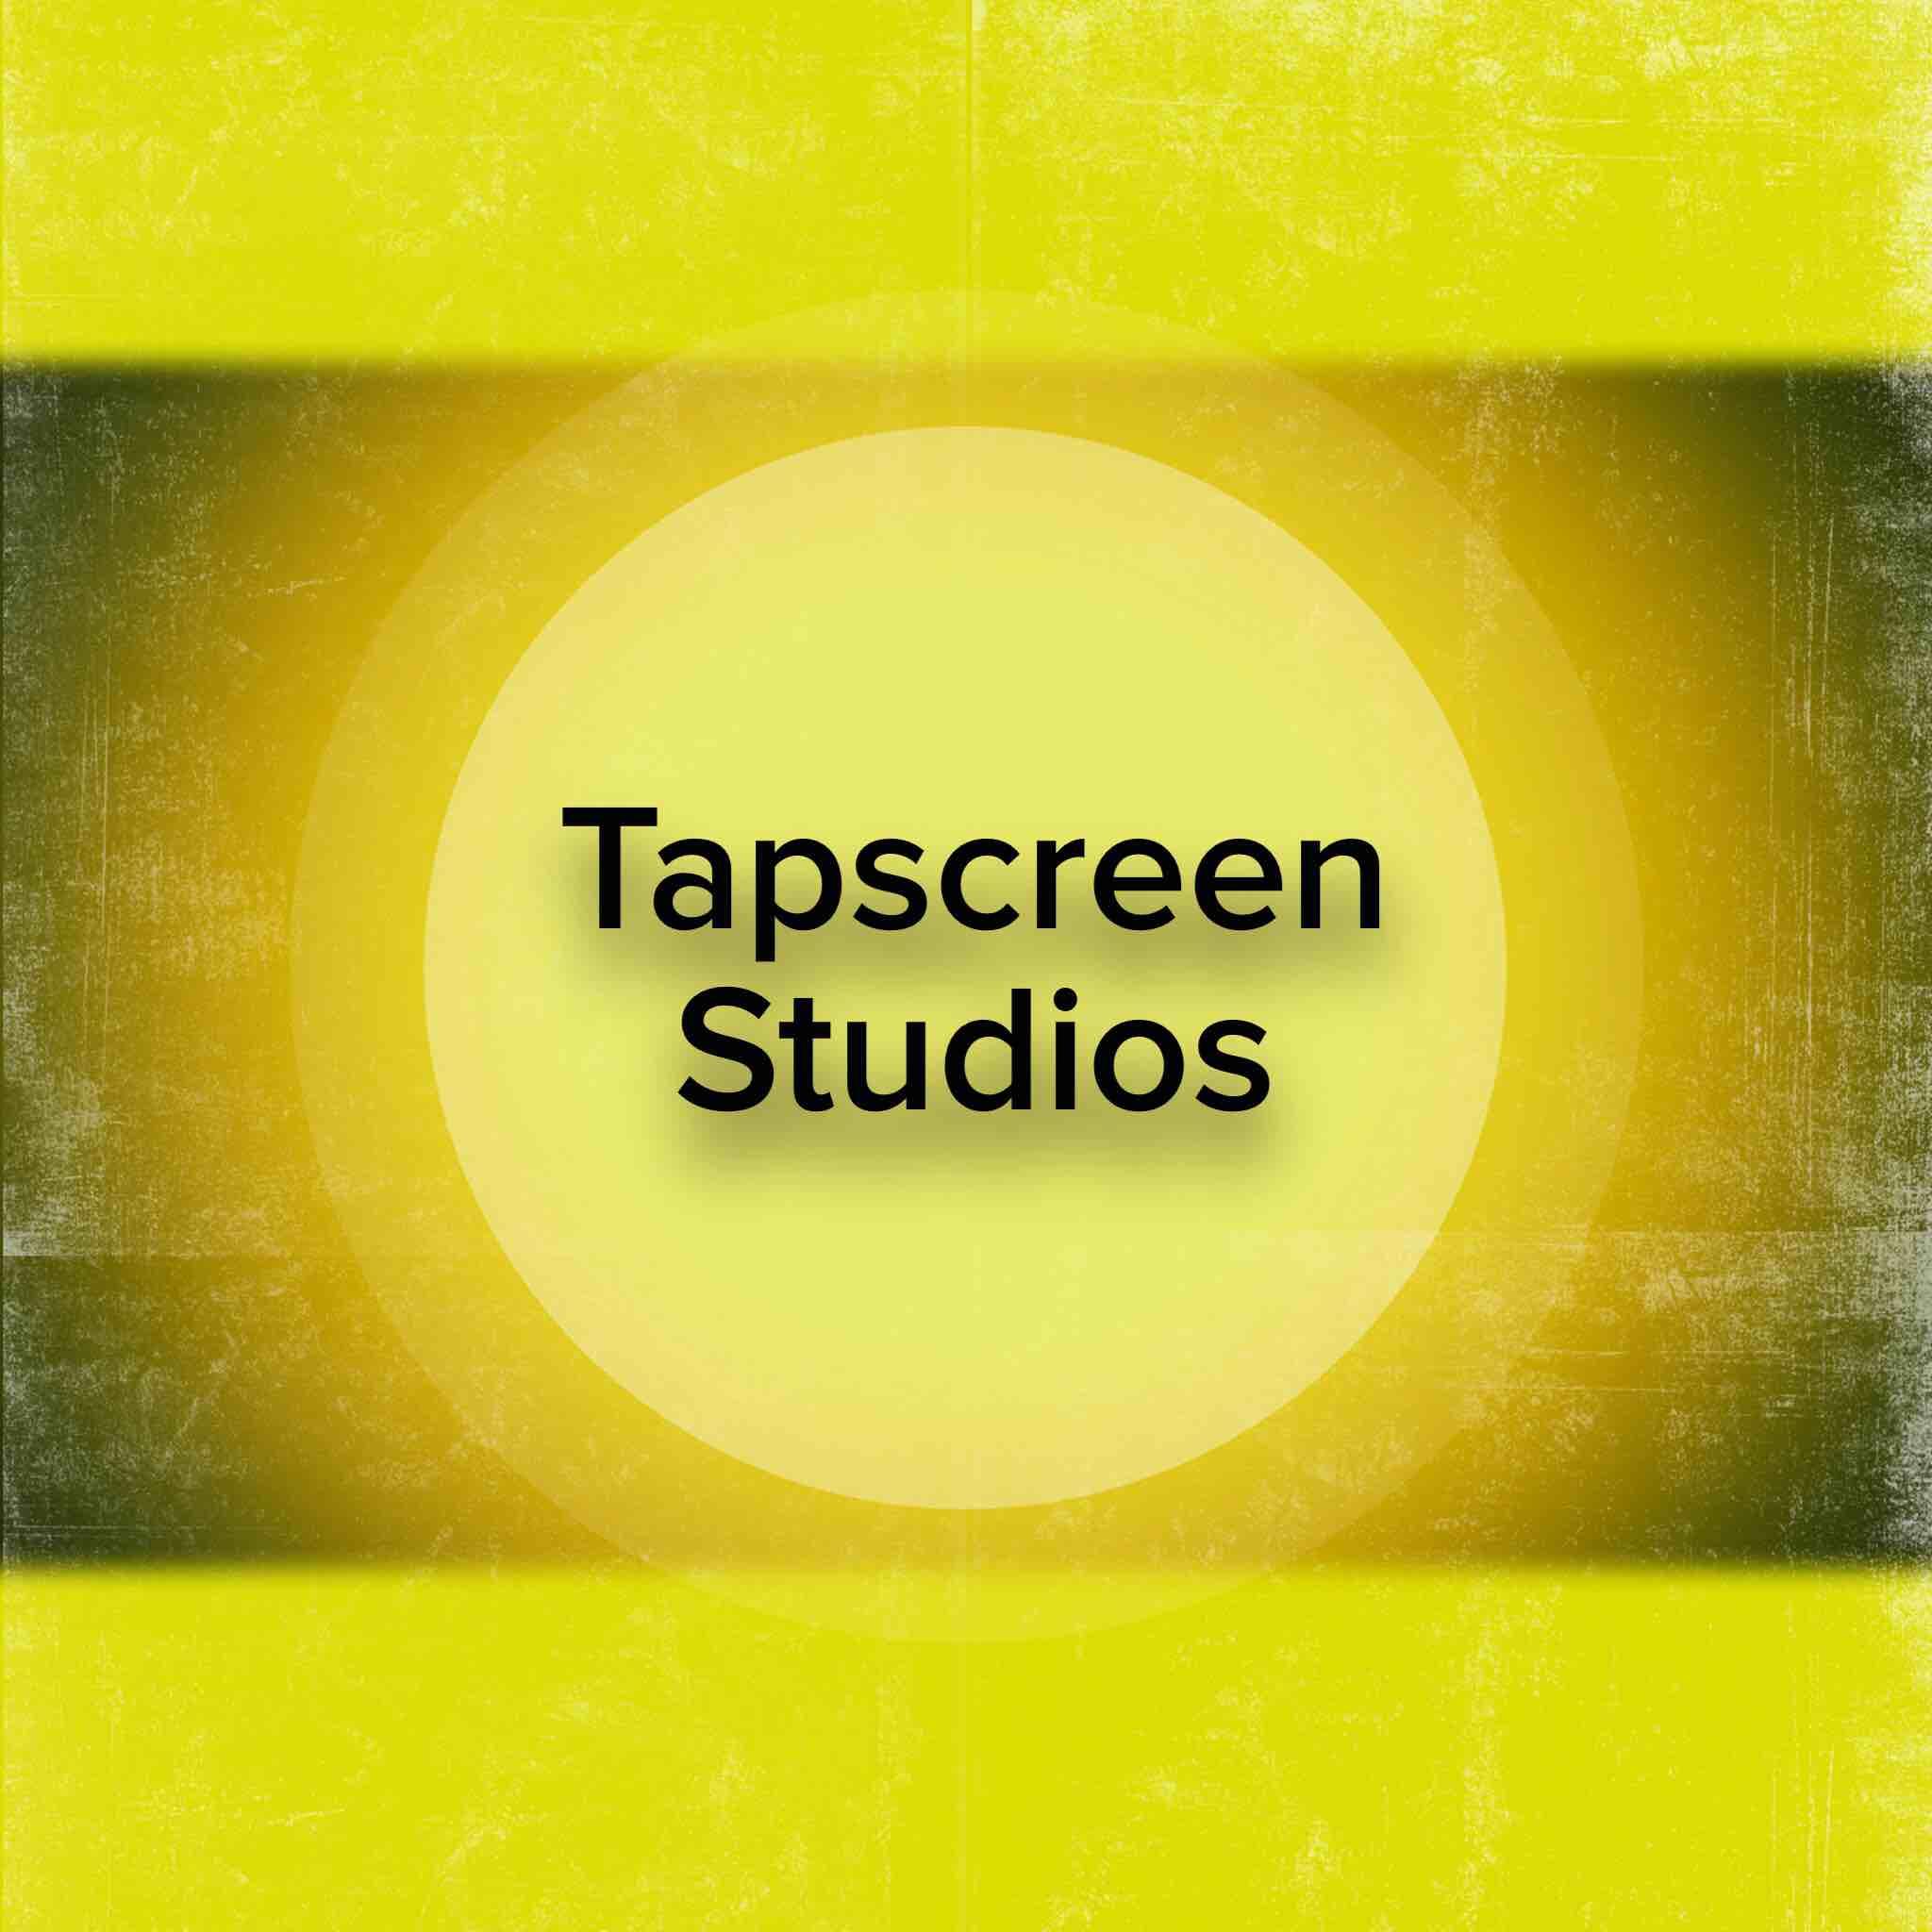 Tapscreenstudios